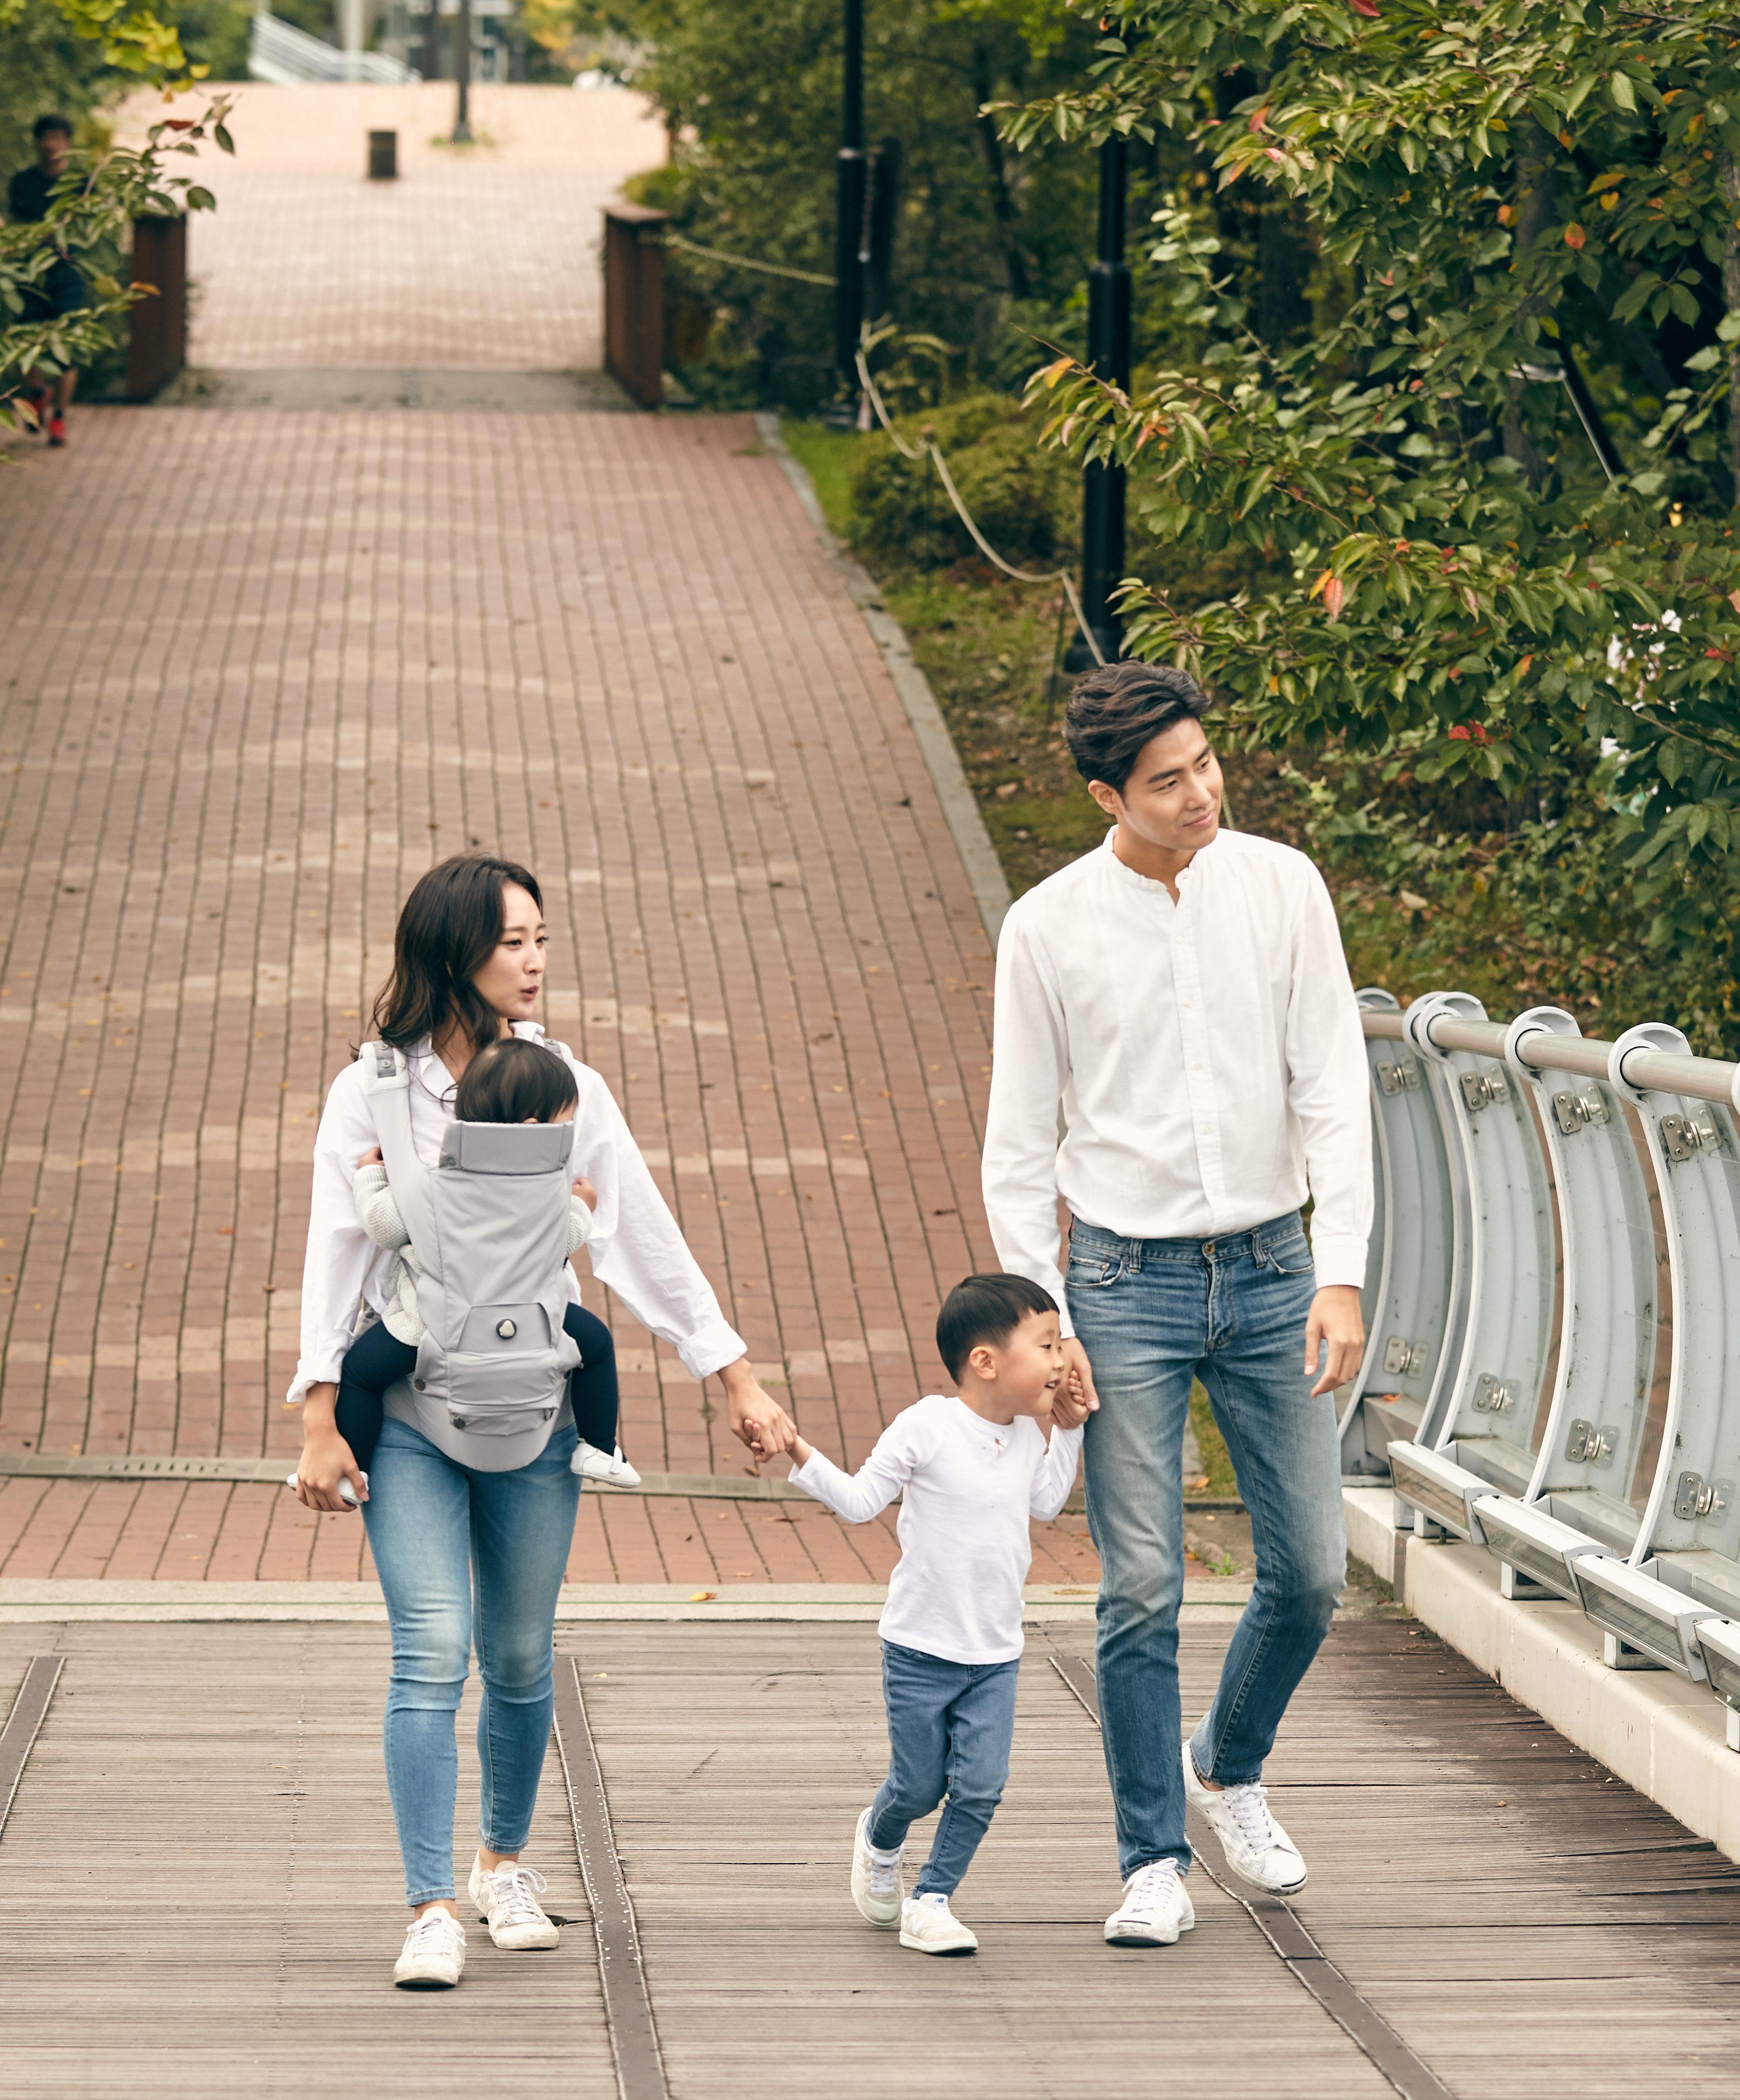 허그파파 가족 가을 나들이 공원